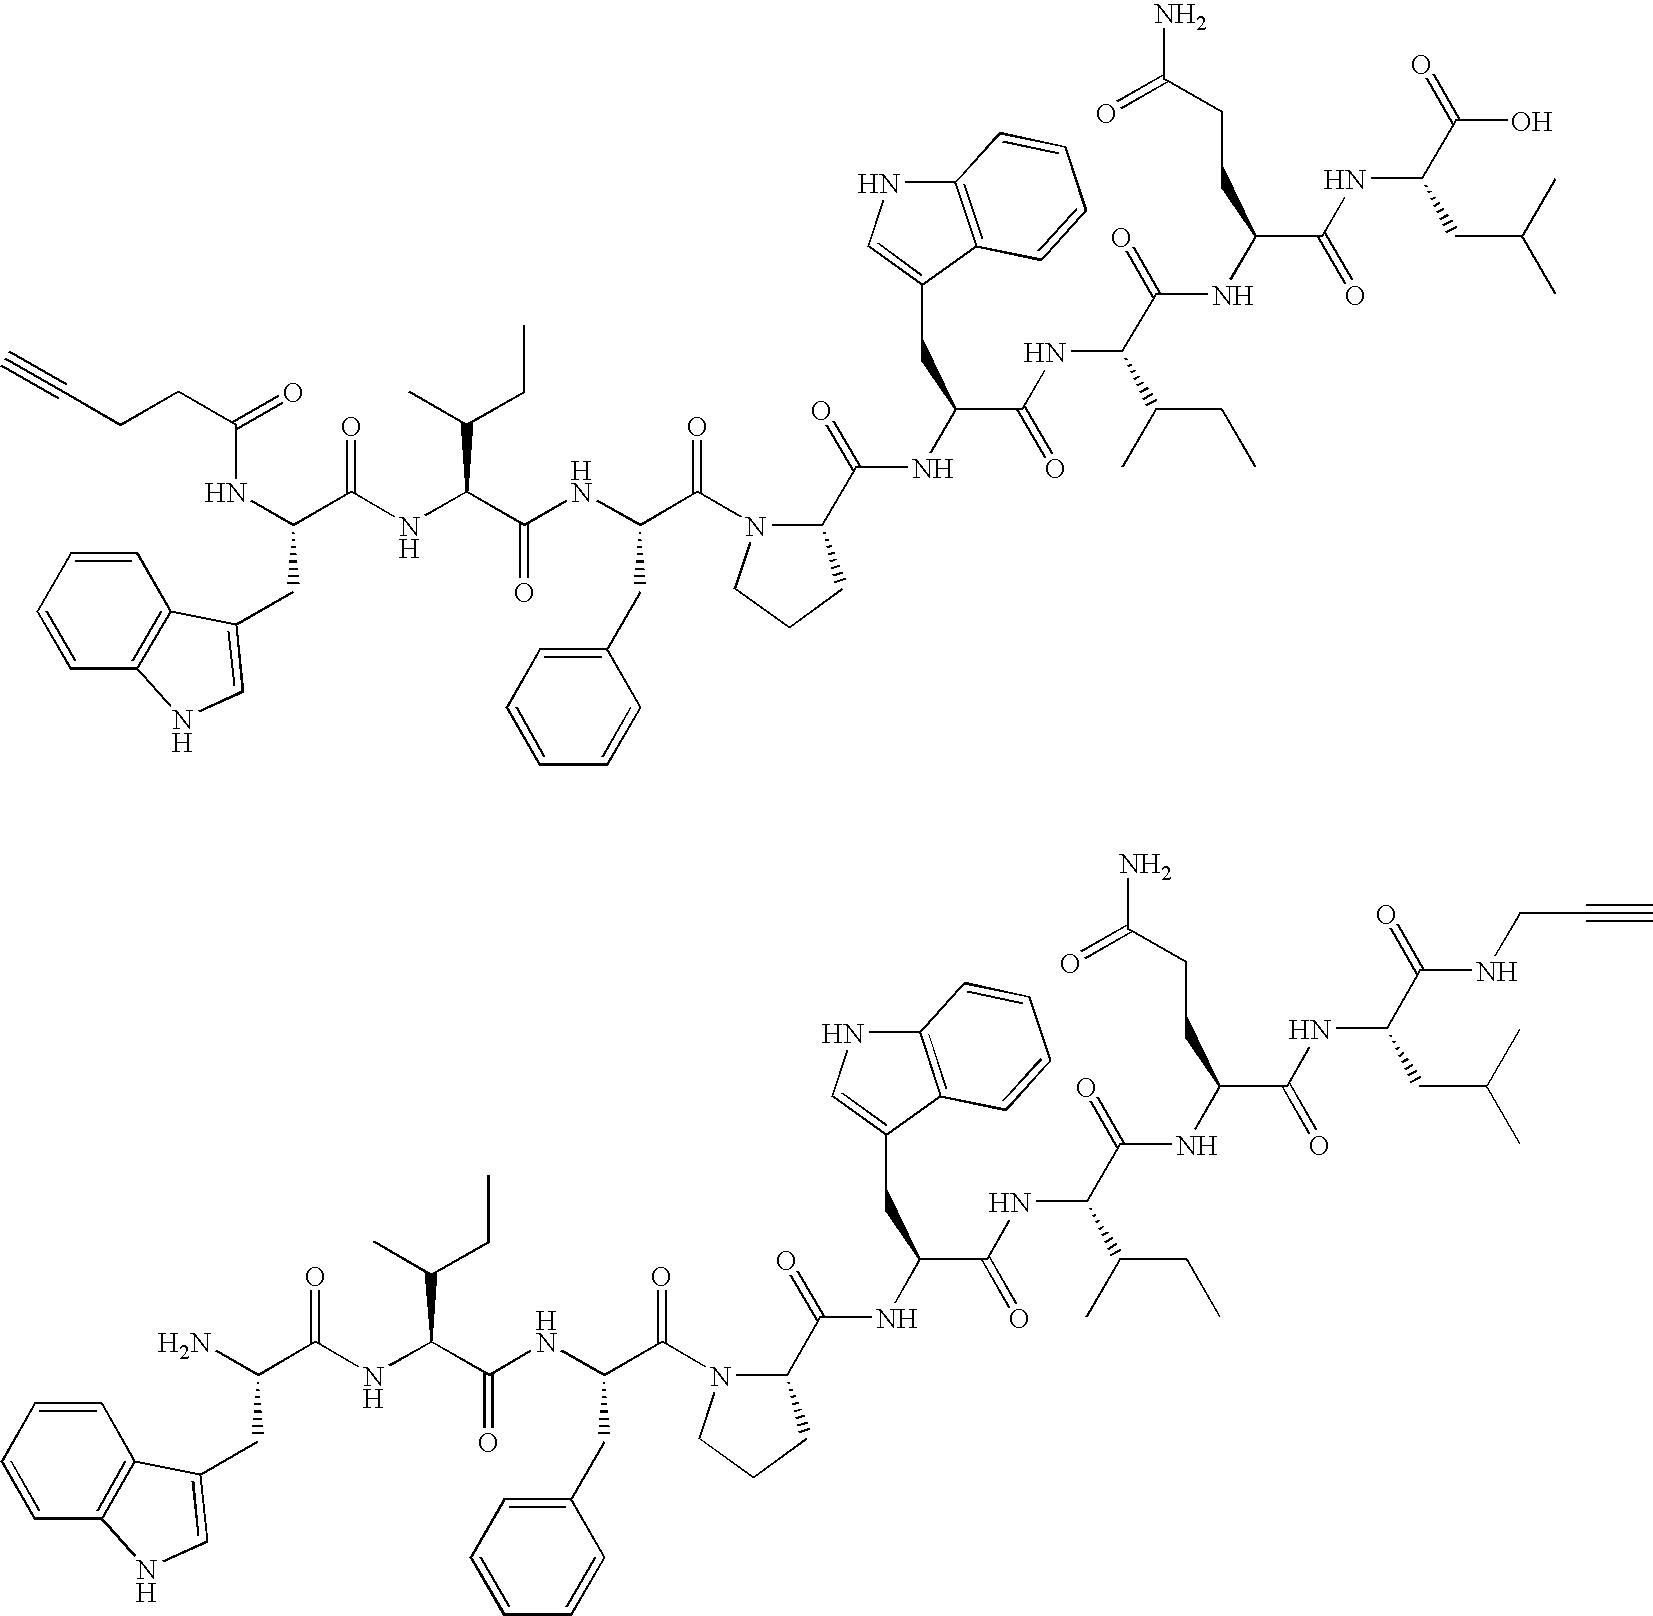 Figure US20090110662A1-20090430-C00016